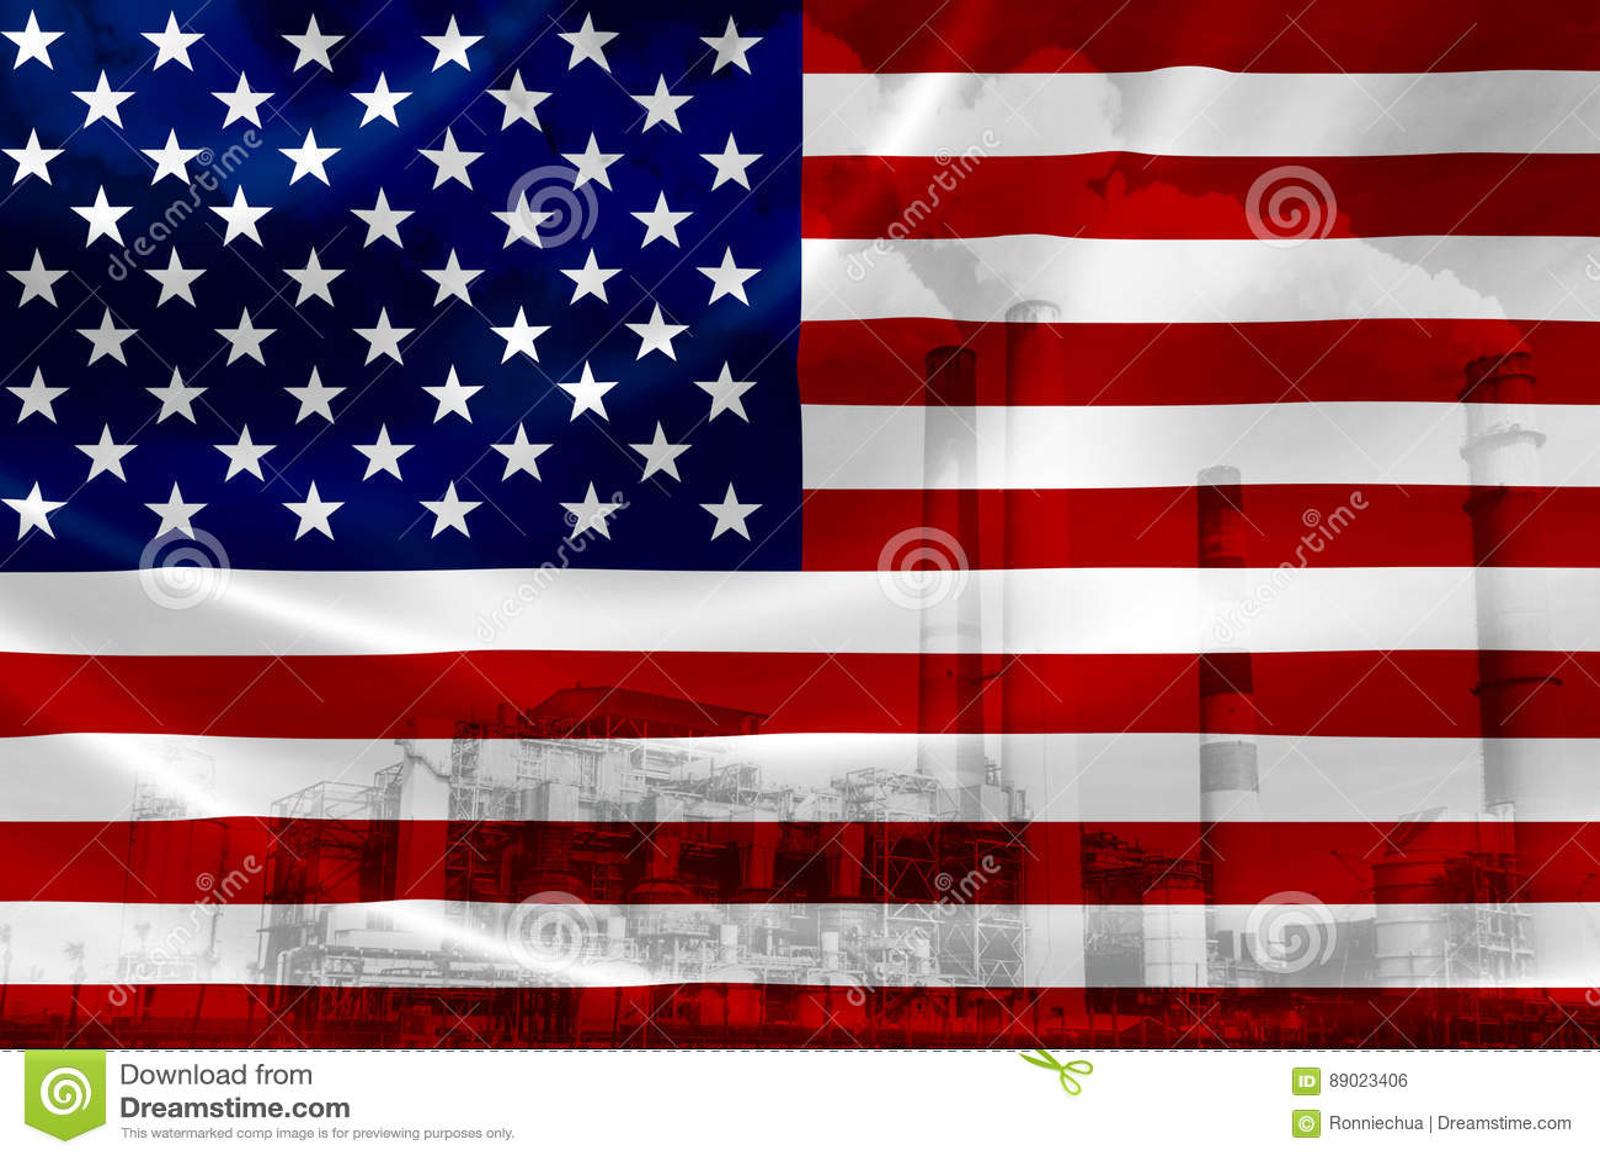 Contaminación en los Estados Unidos de América